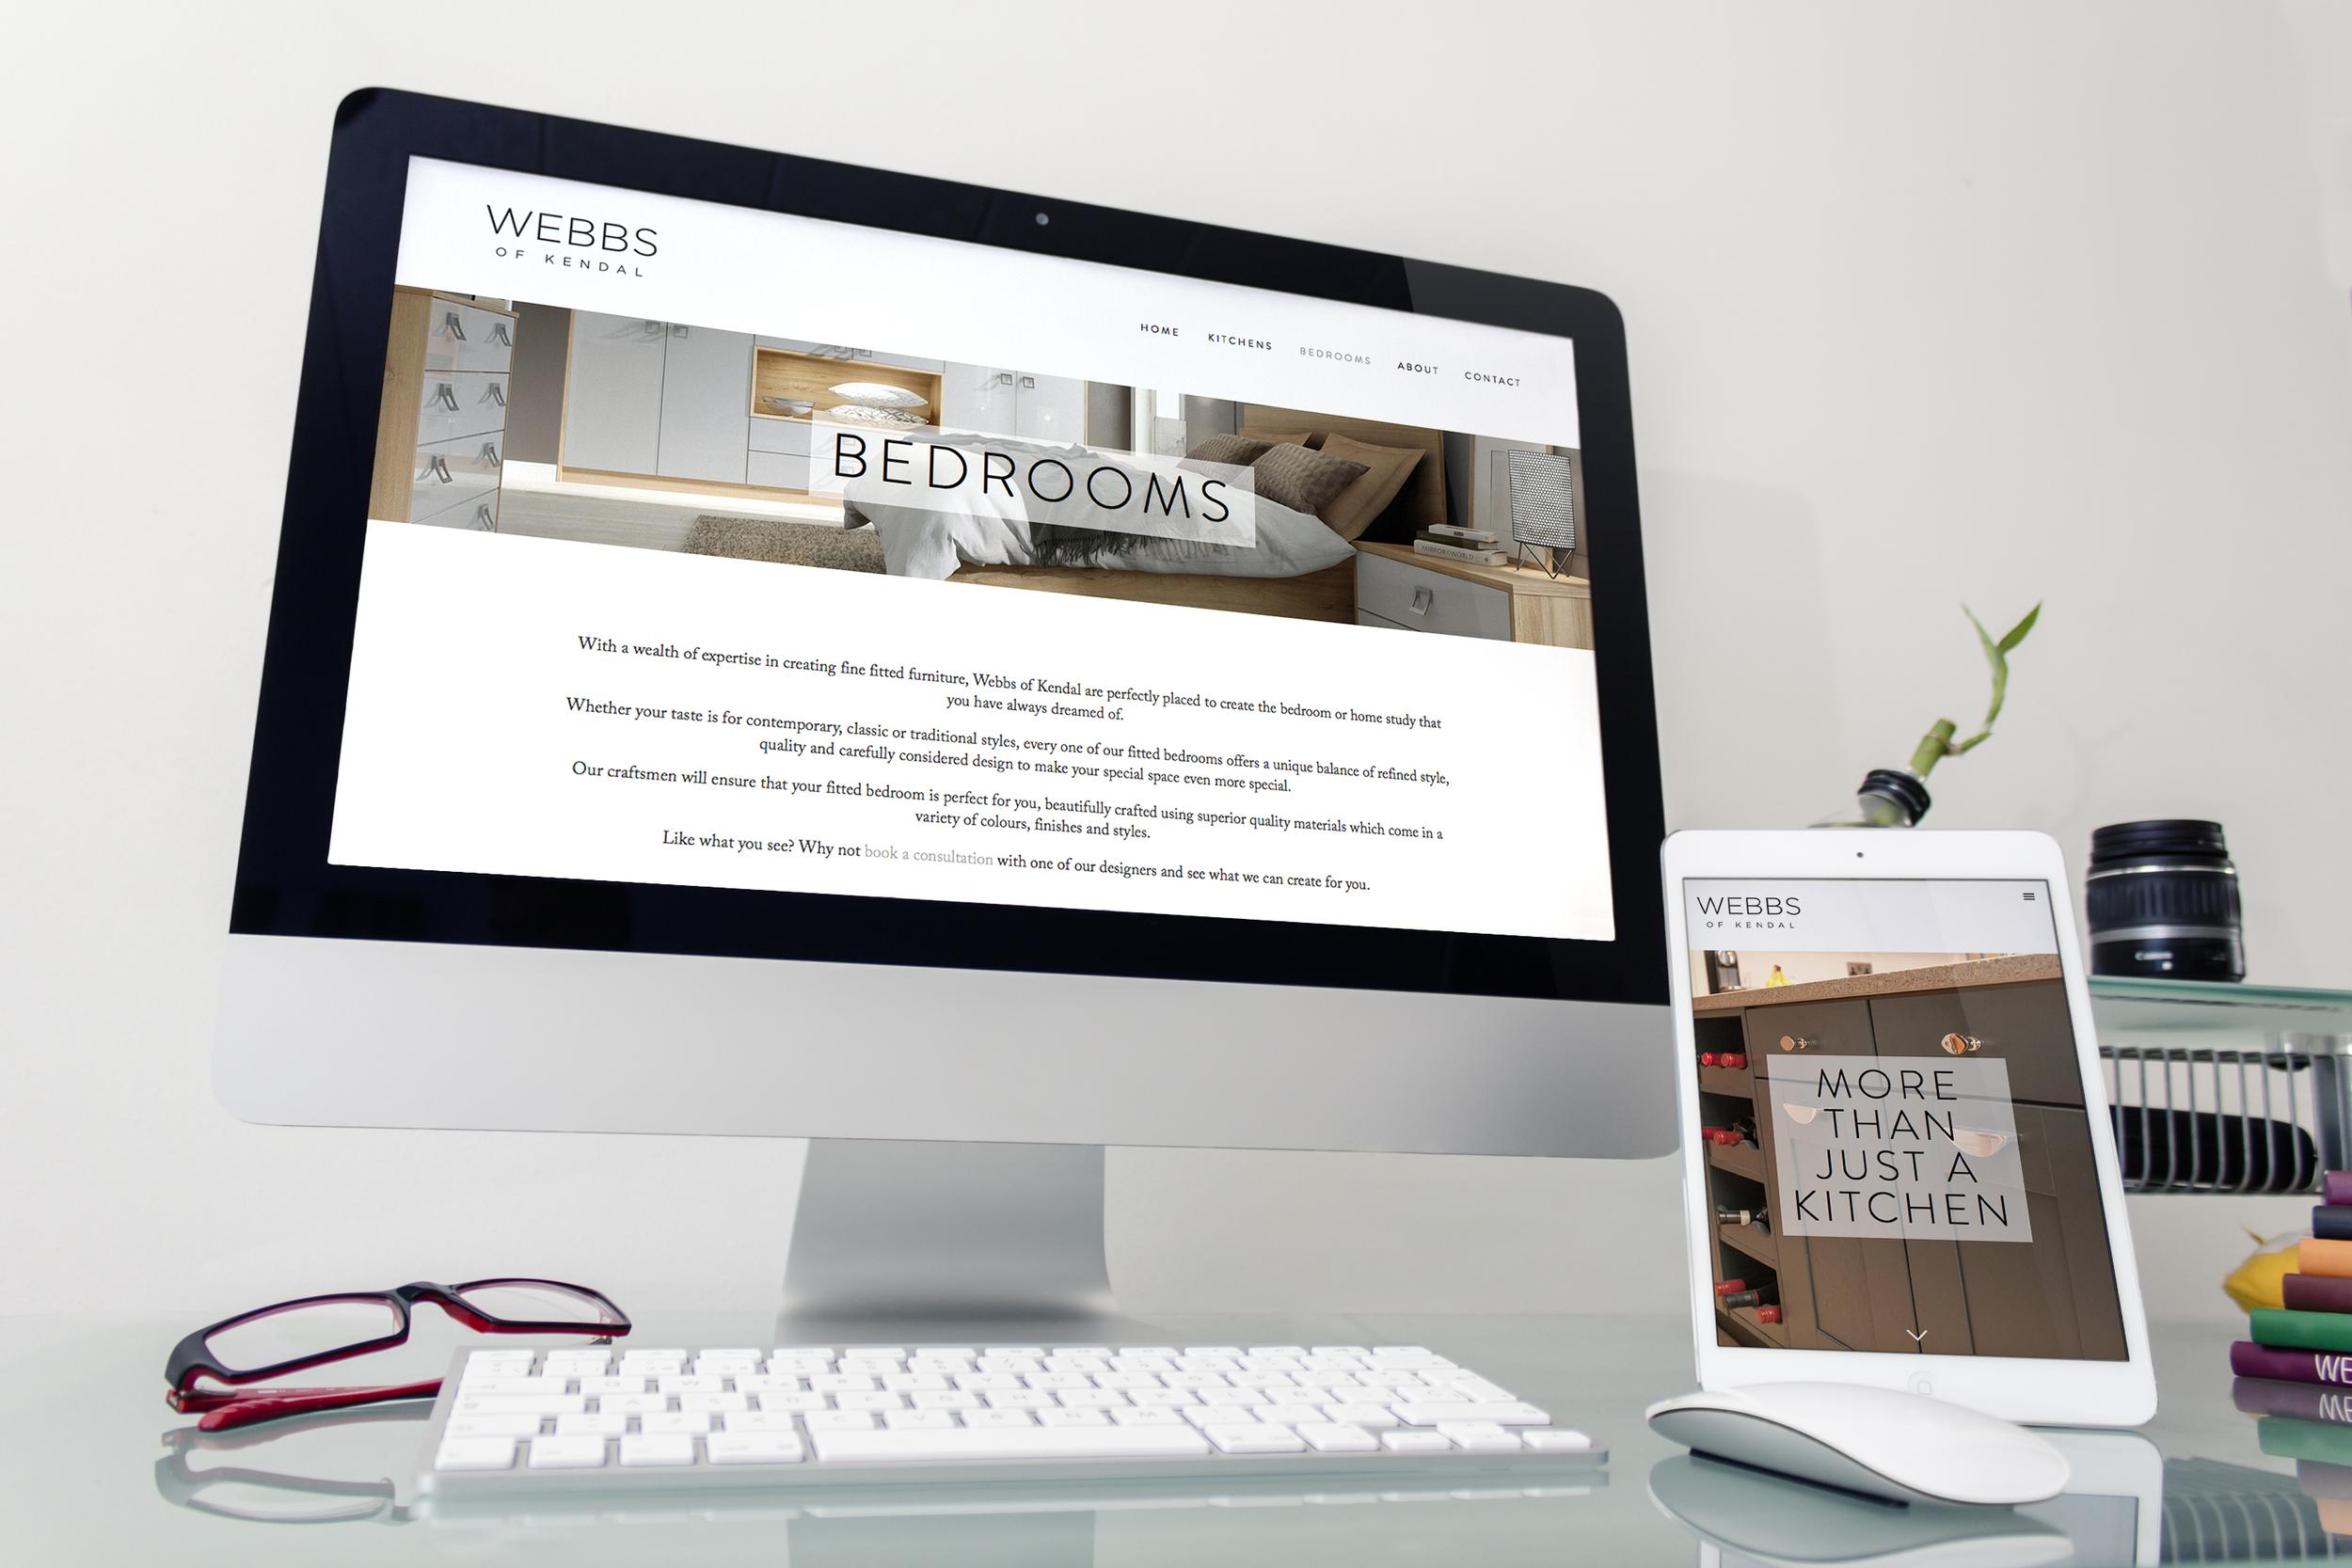 webbssite2.jpg